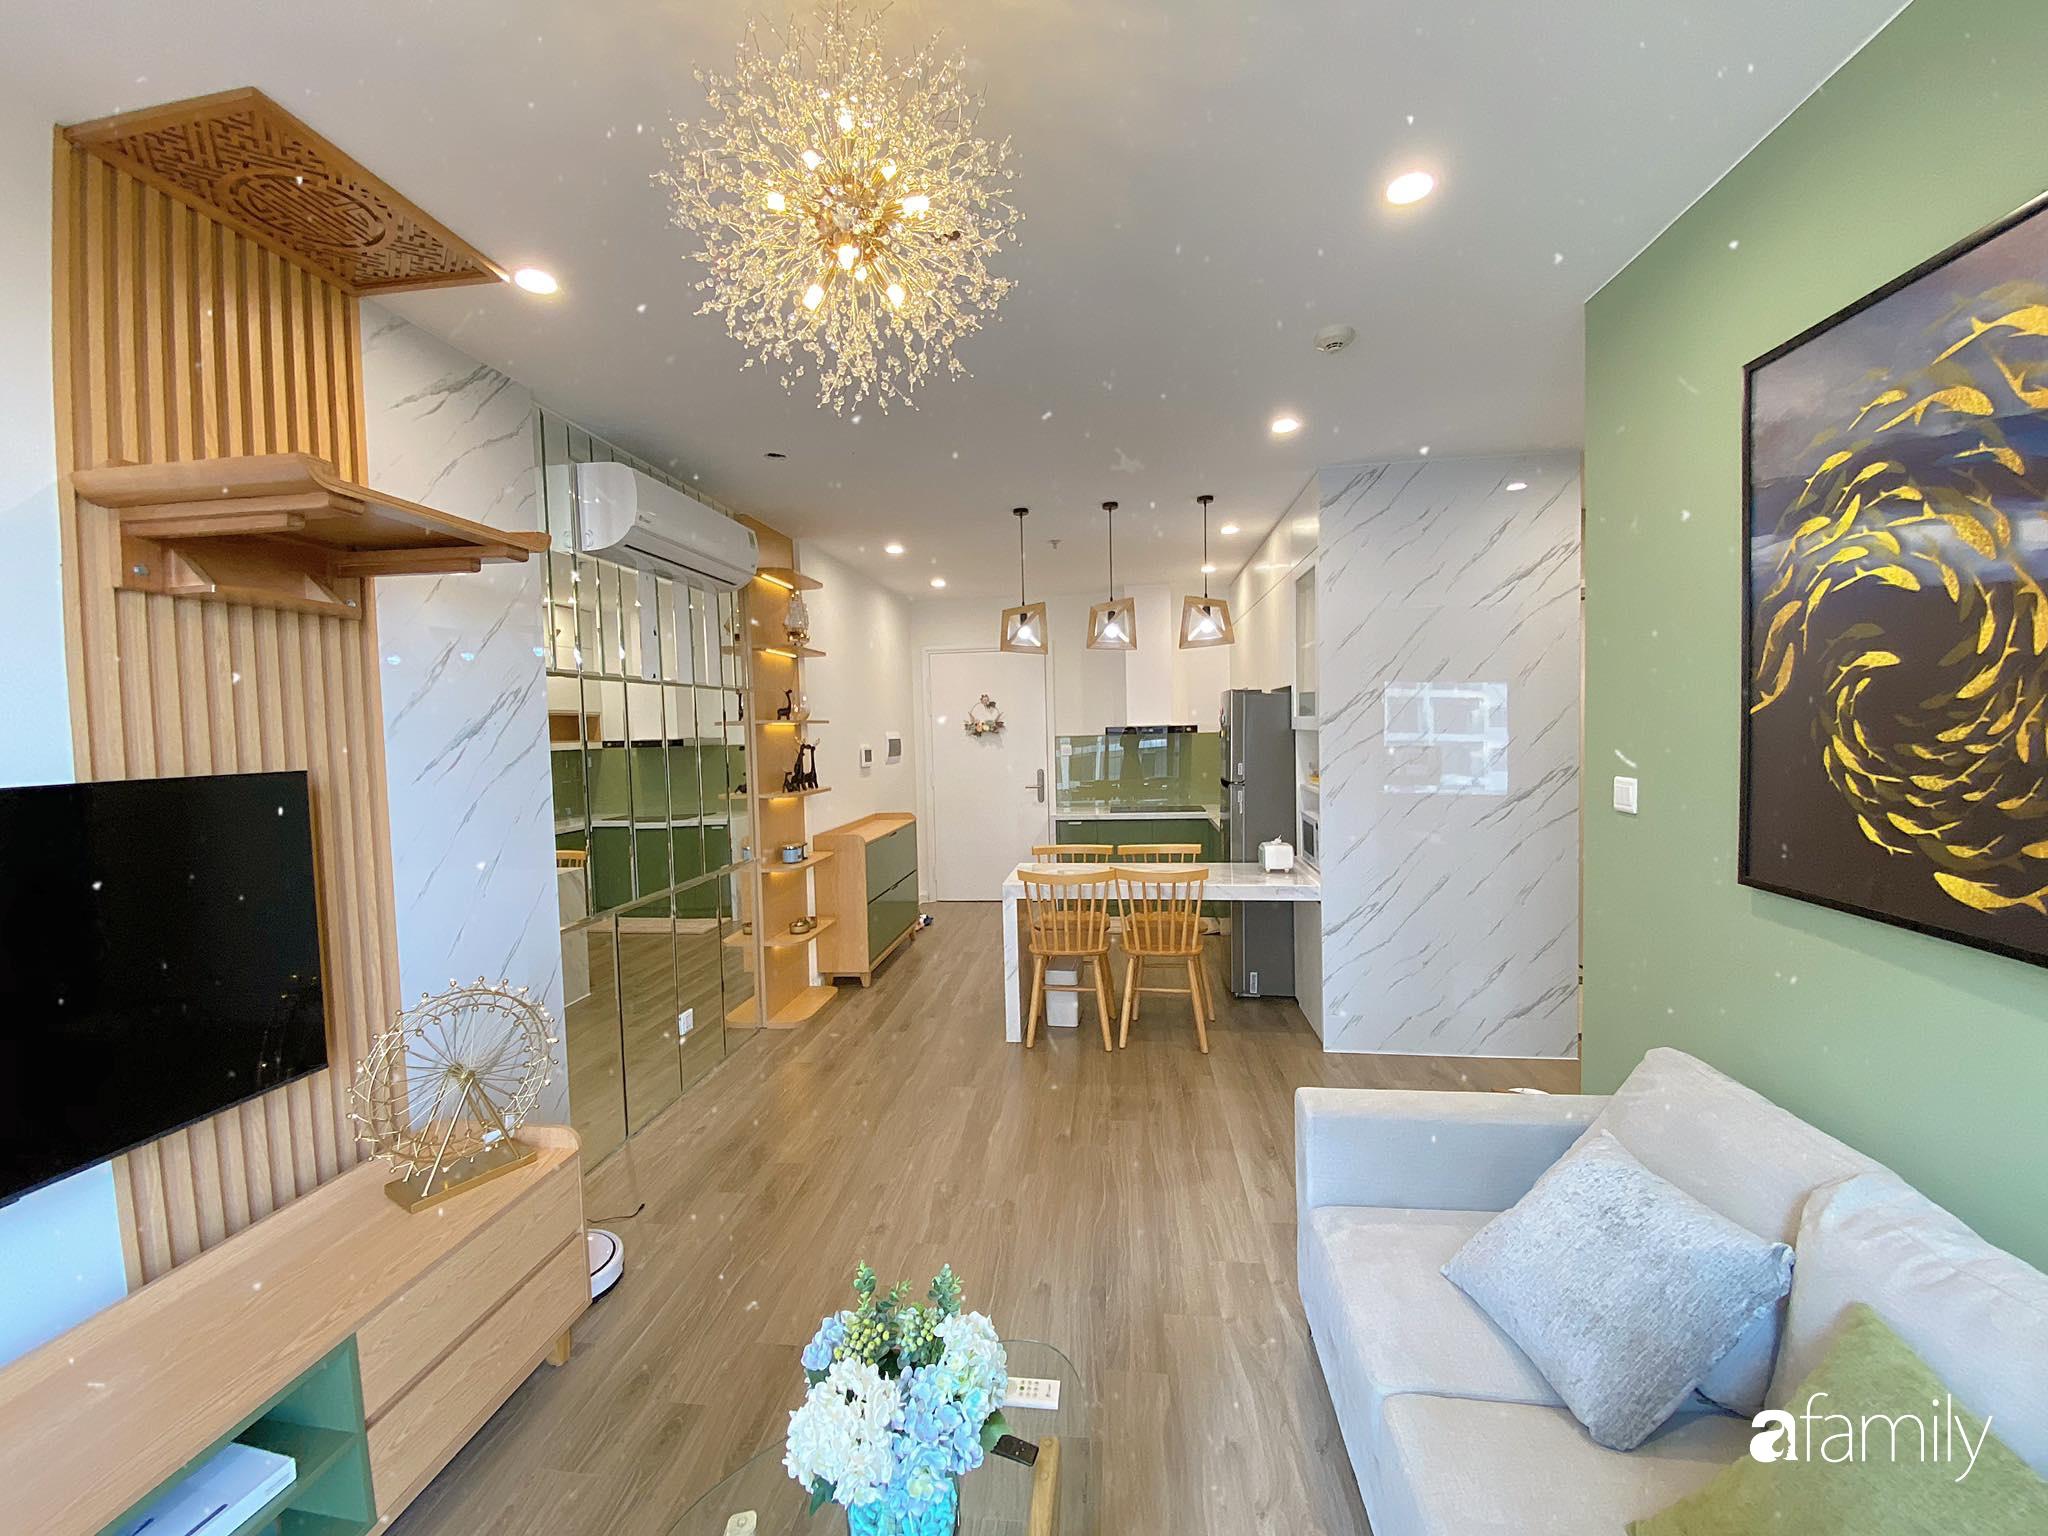 Căn hộ 59m² màu xanh lá xua tan nóng bức mùa hè có chi phí hoàn thiện 225 triệu đồng ở Hà Nội - Ảnh 4.